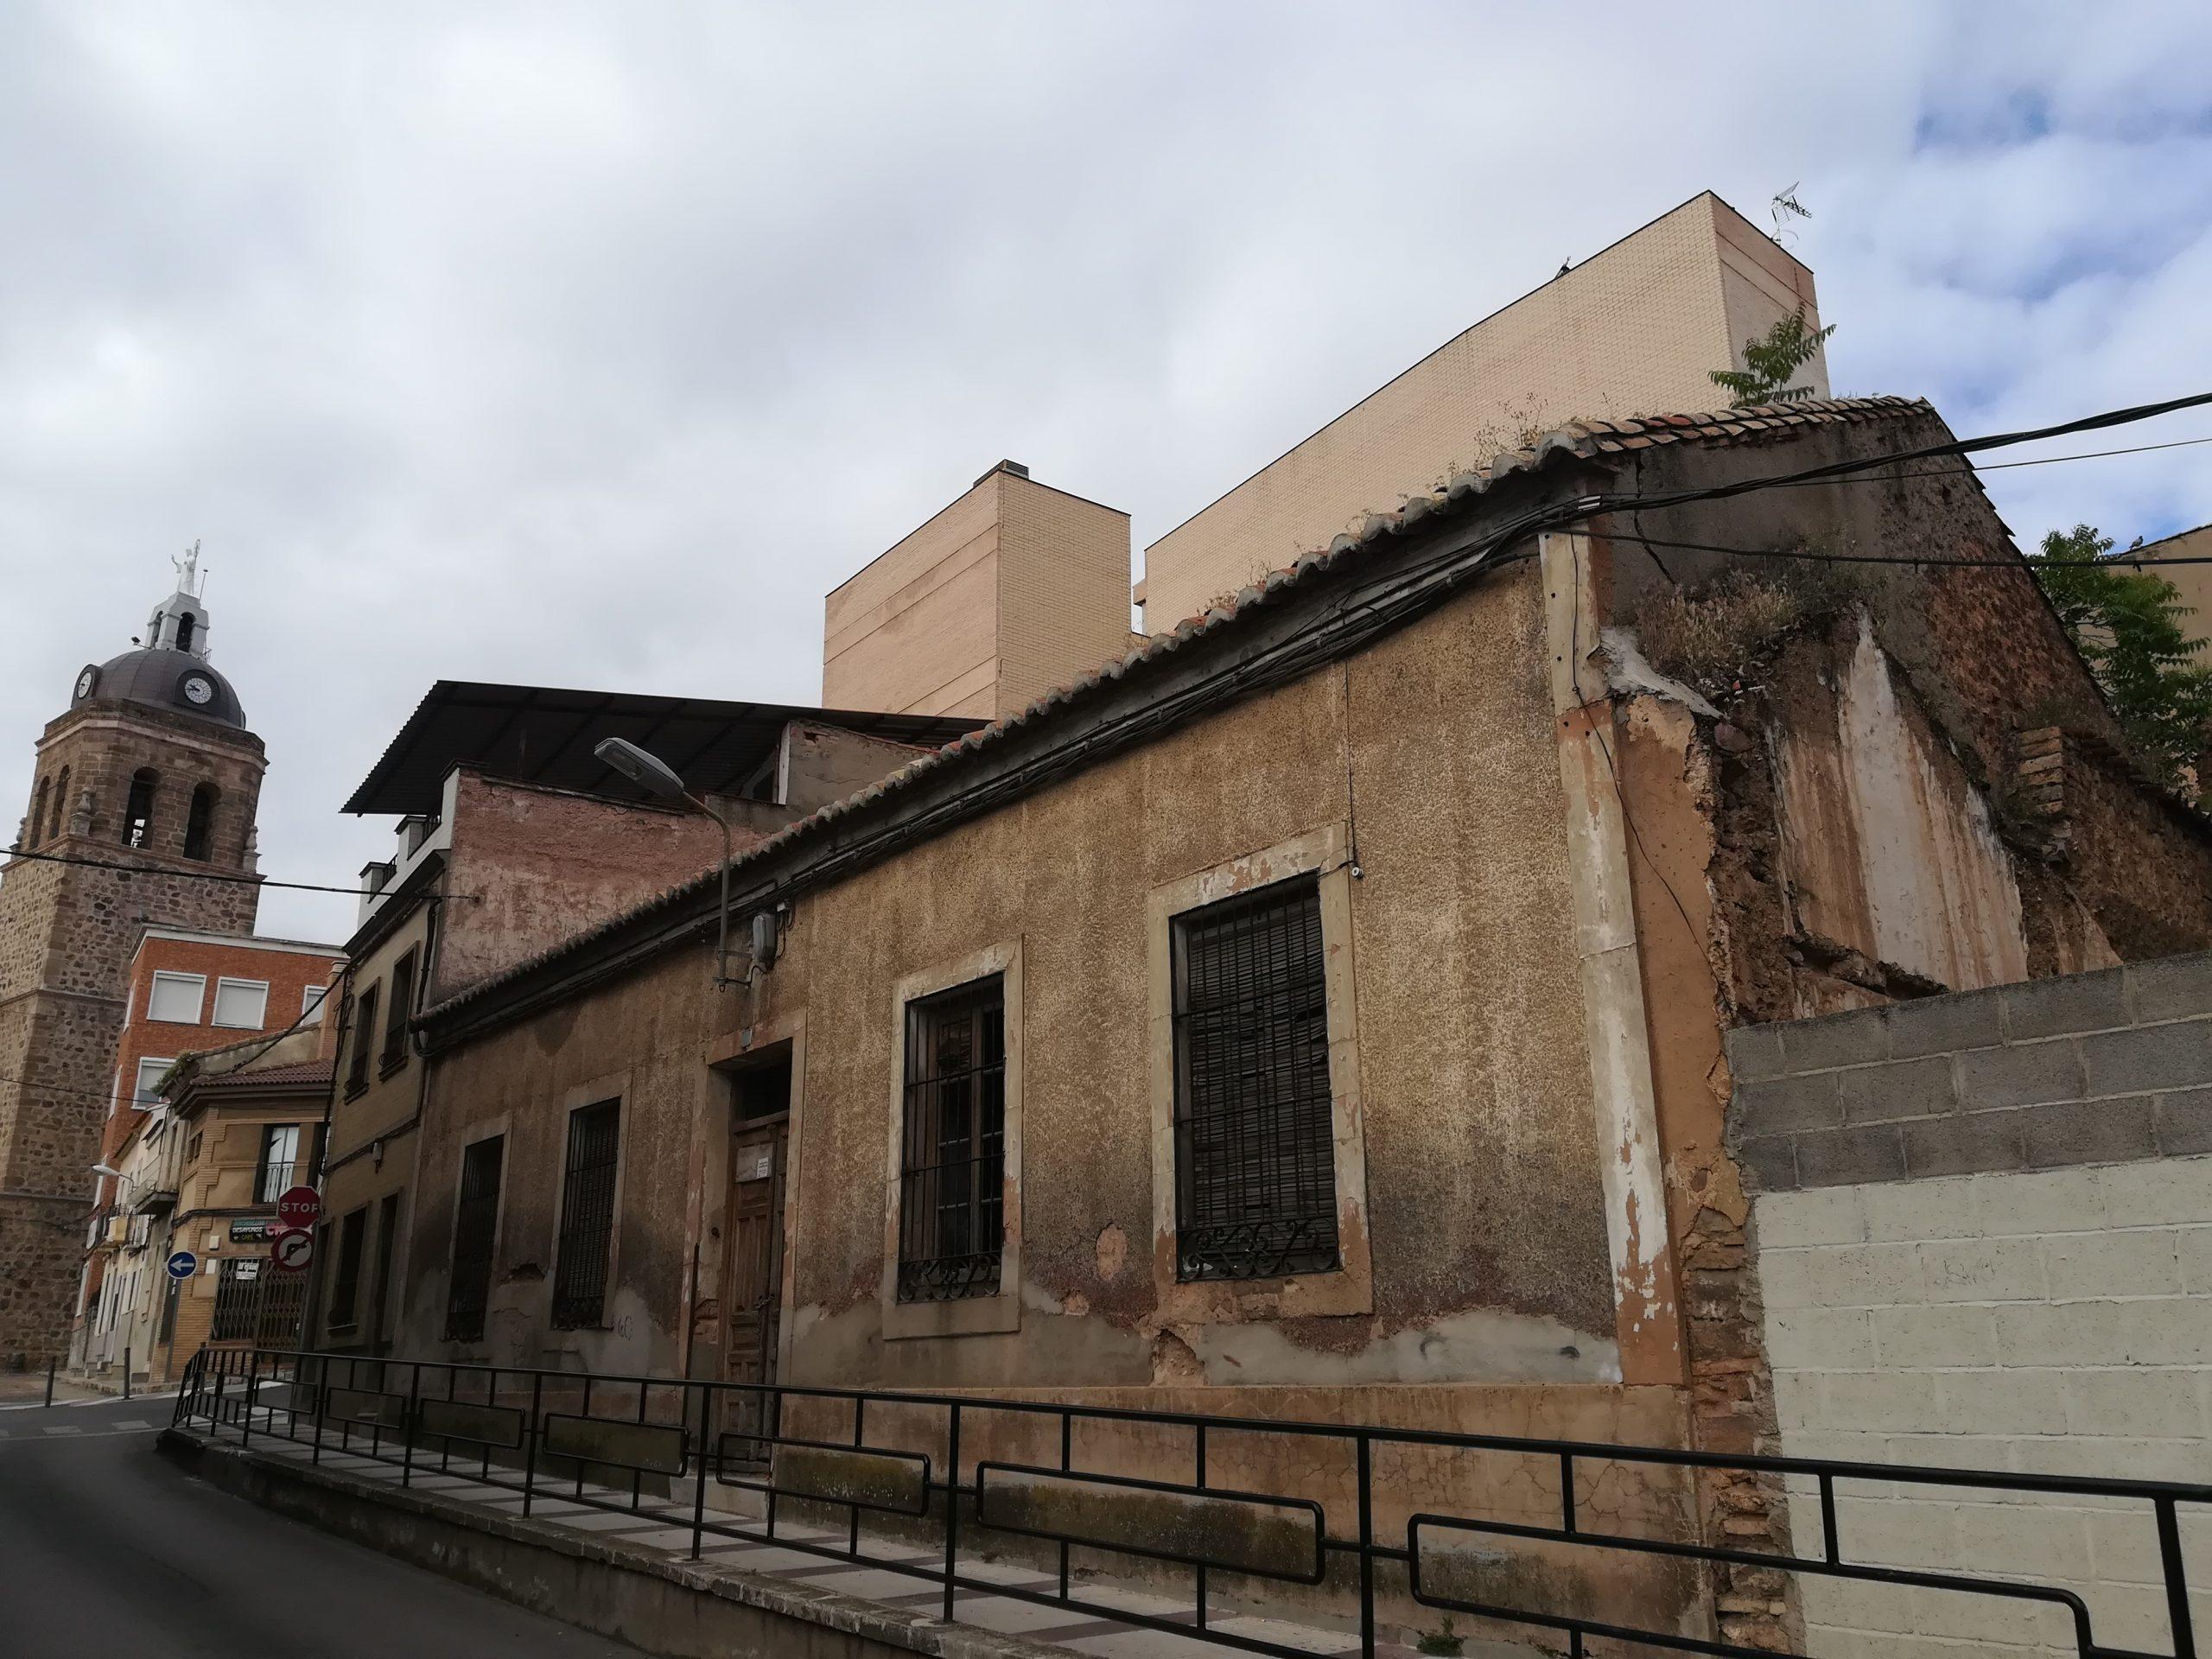 Antiguos Juzgados en la calle Hospital ocuparía el terreno que en el S. XVI era el Hospital San Juan Bautista. Archivo fotográfico de F. Negrete